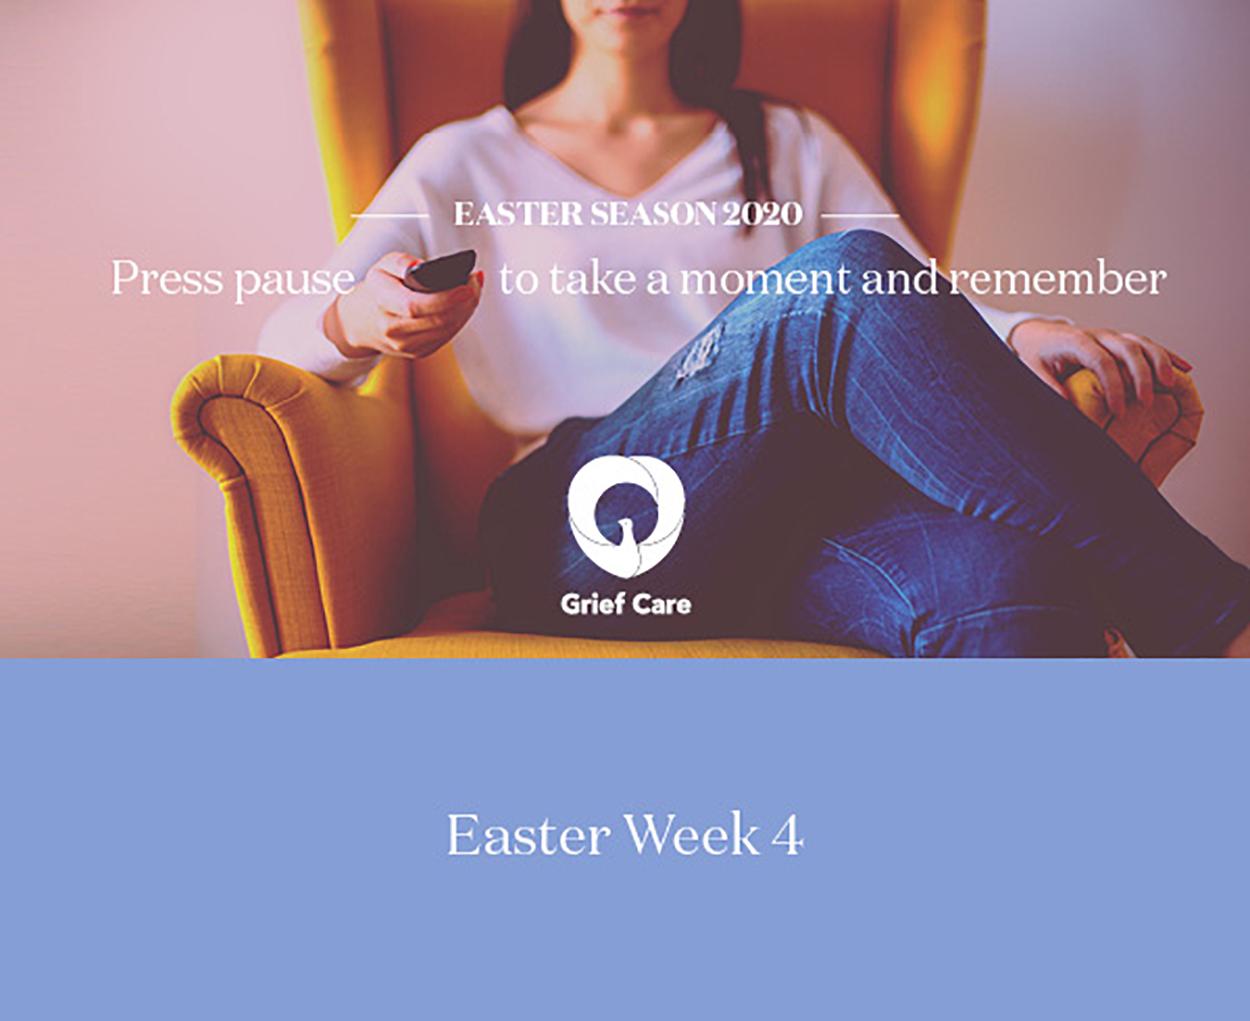 Easter Week 4